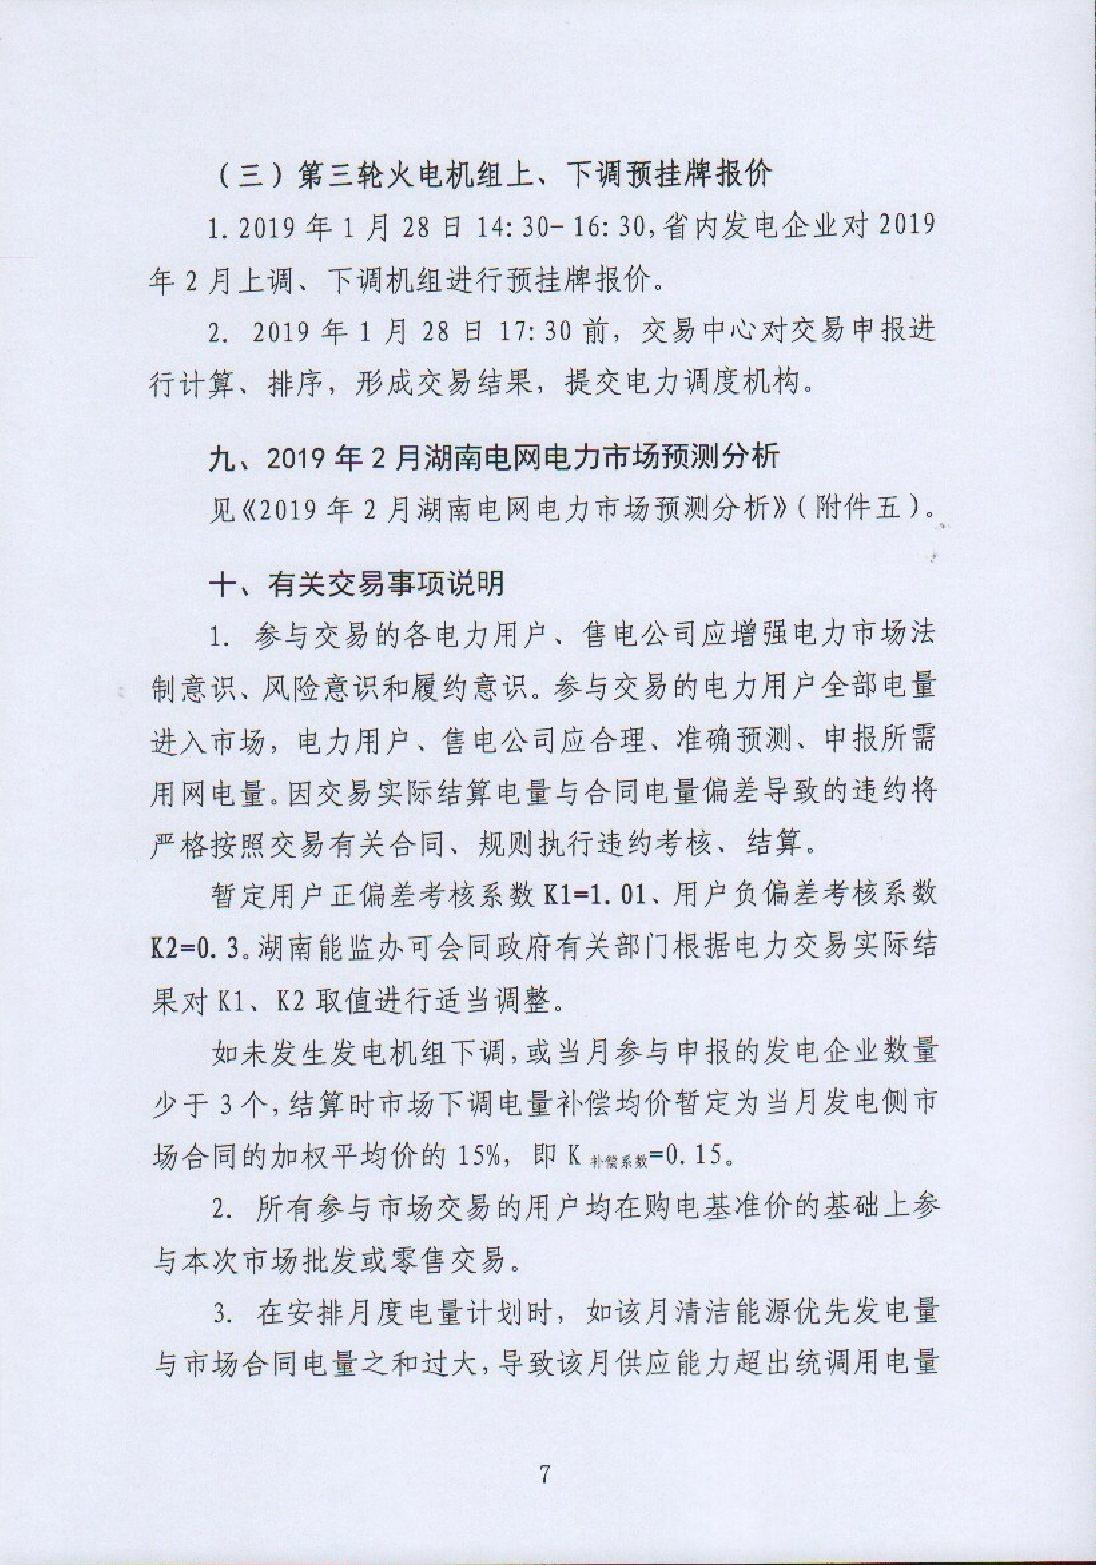 湖南電力交易中心有限公司關于2019年2月電力市場交易的公告.pdf_page_7_compressed.jpg